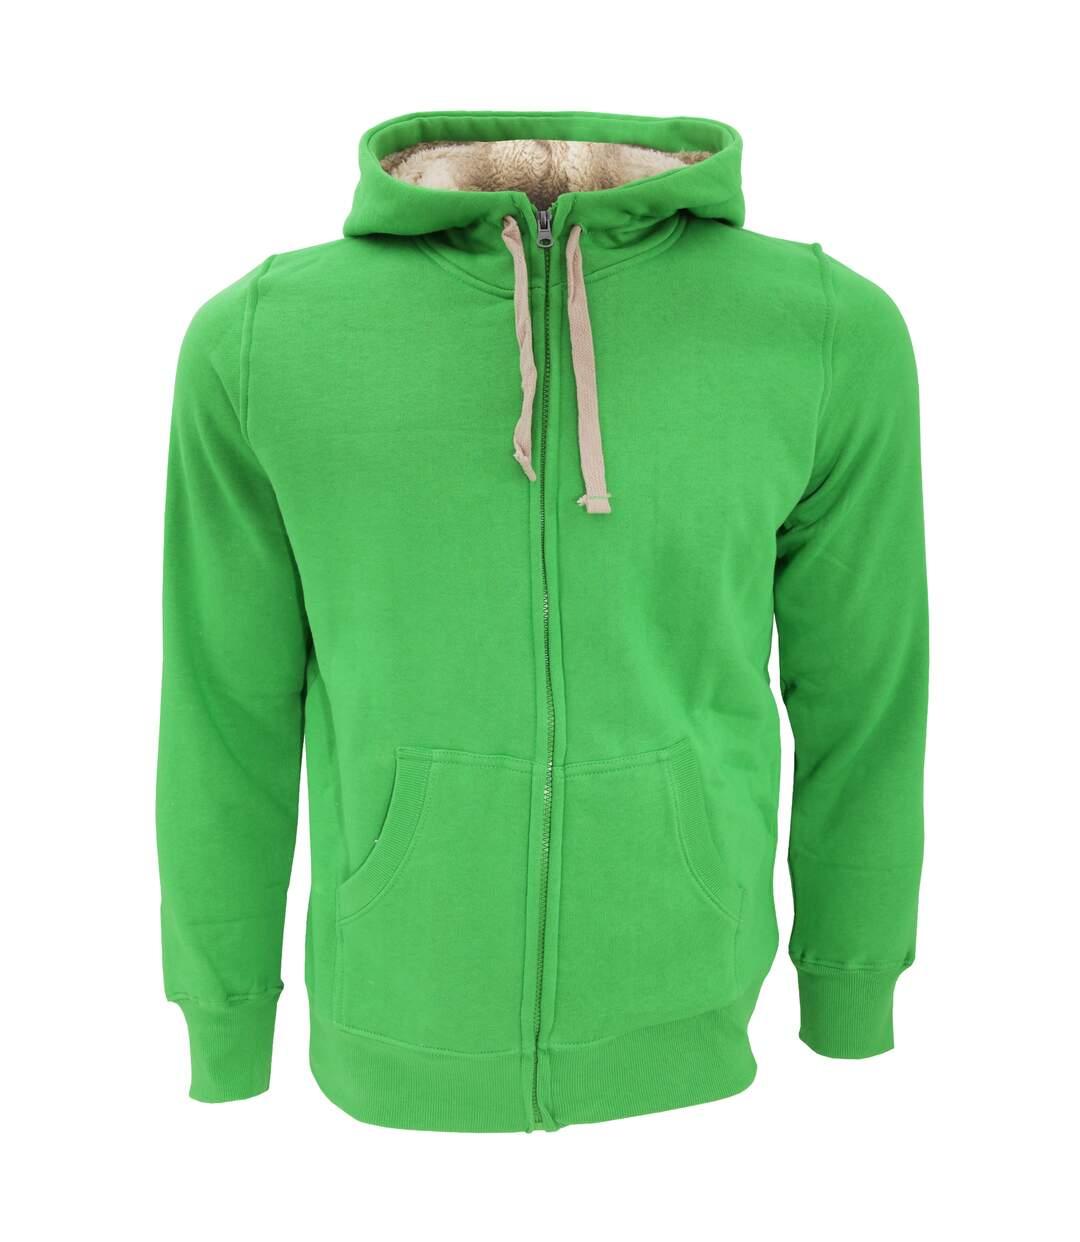 SOLS Sherpa Unisex Zip-Up Hooded Sweatshirt / Hoodie (Grey Marl) - UTPC512